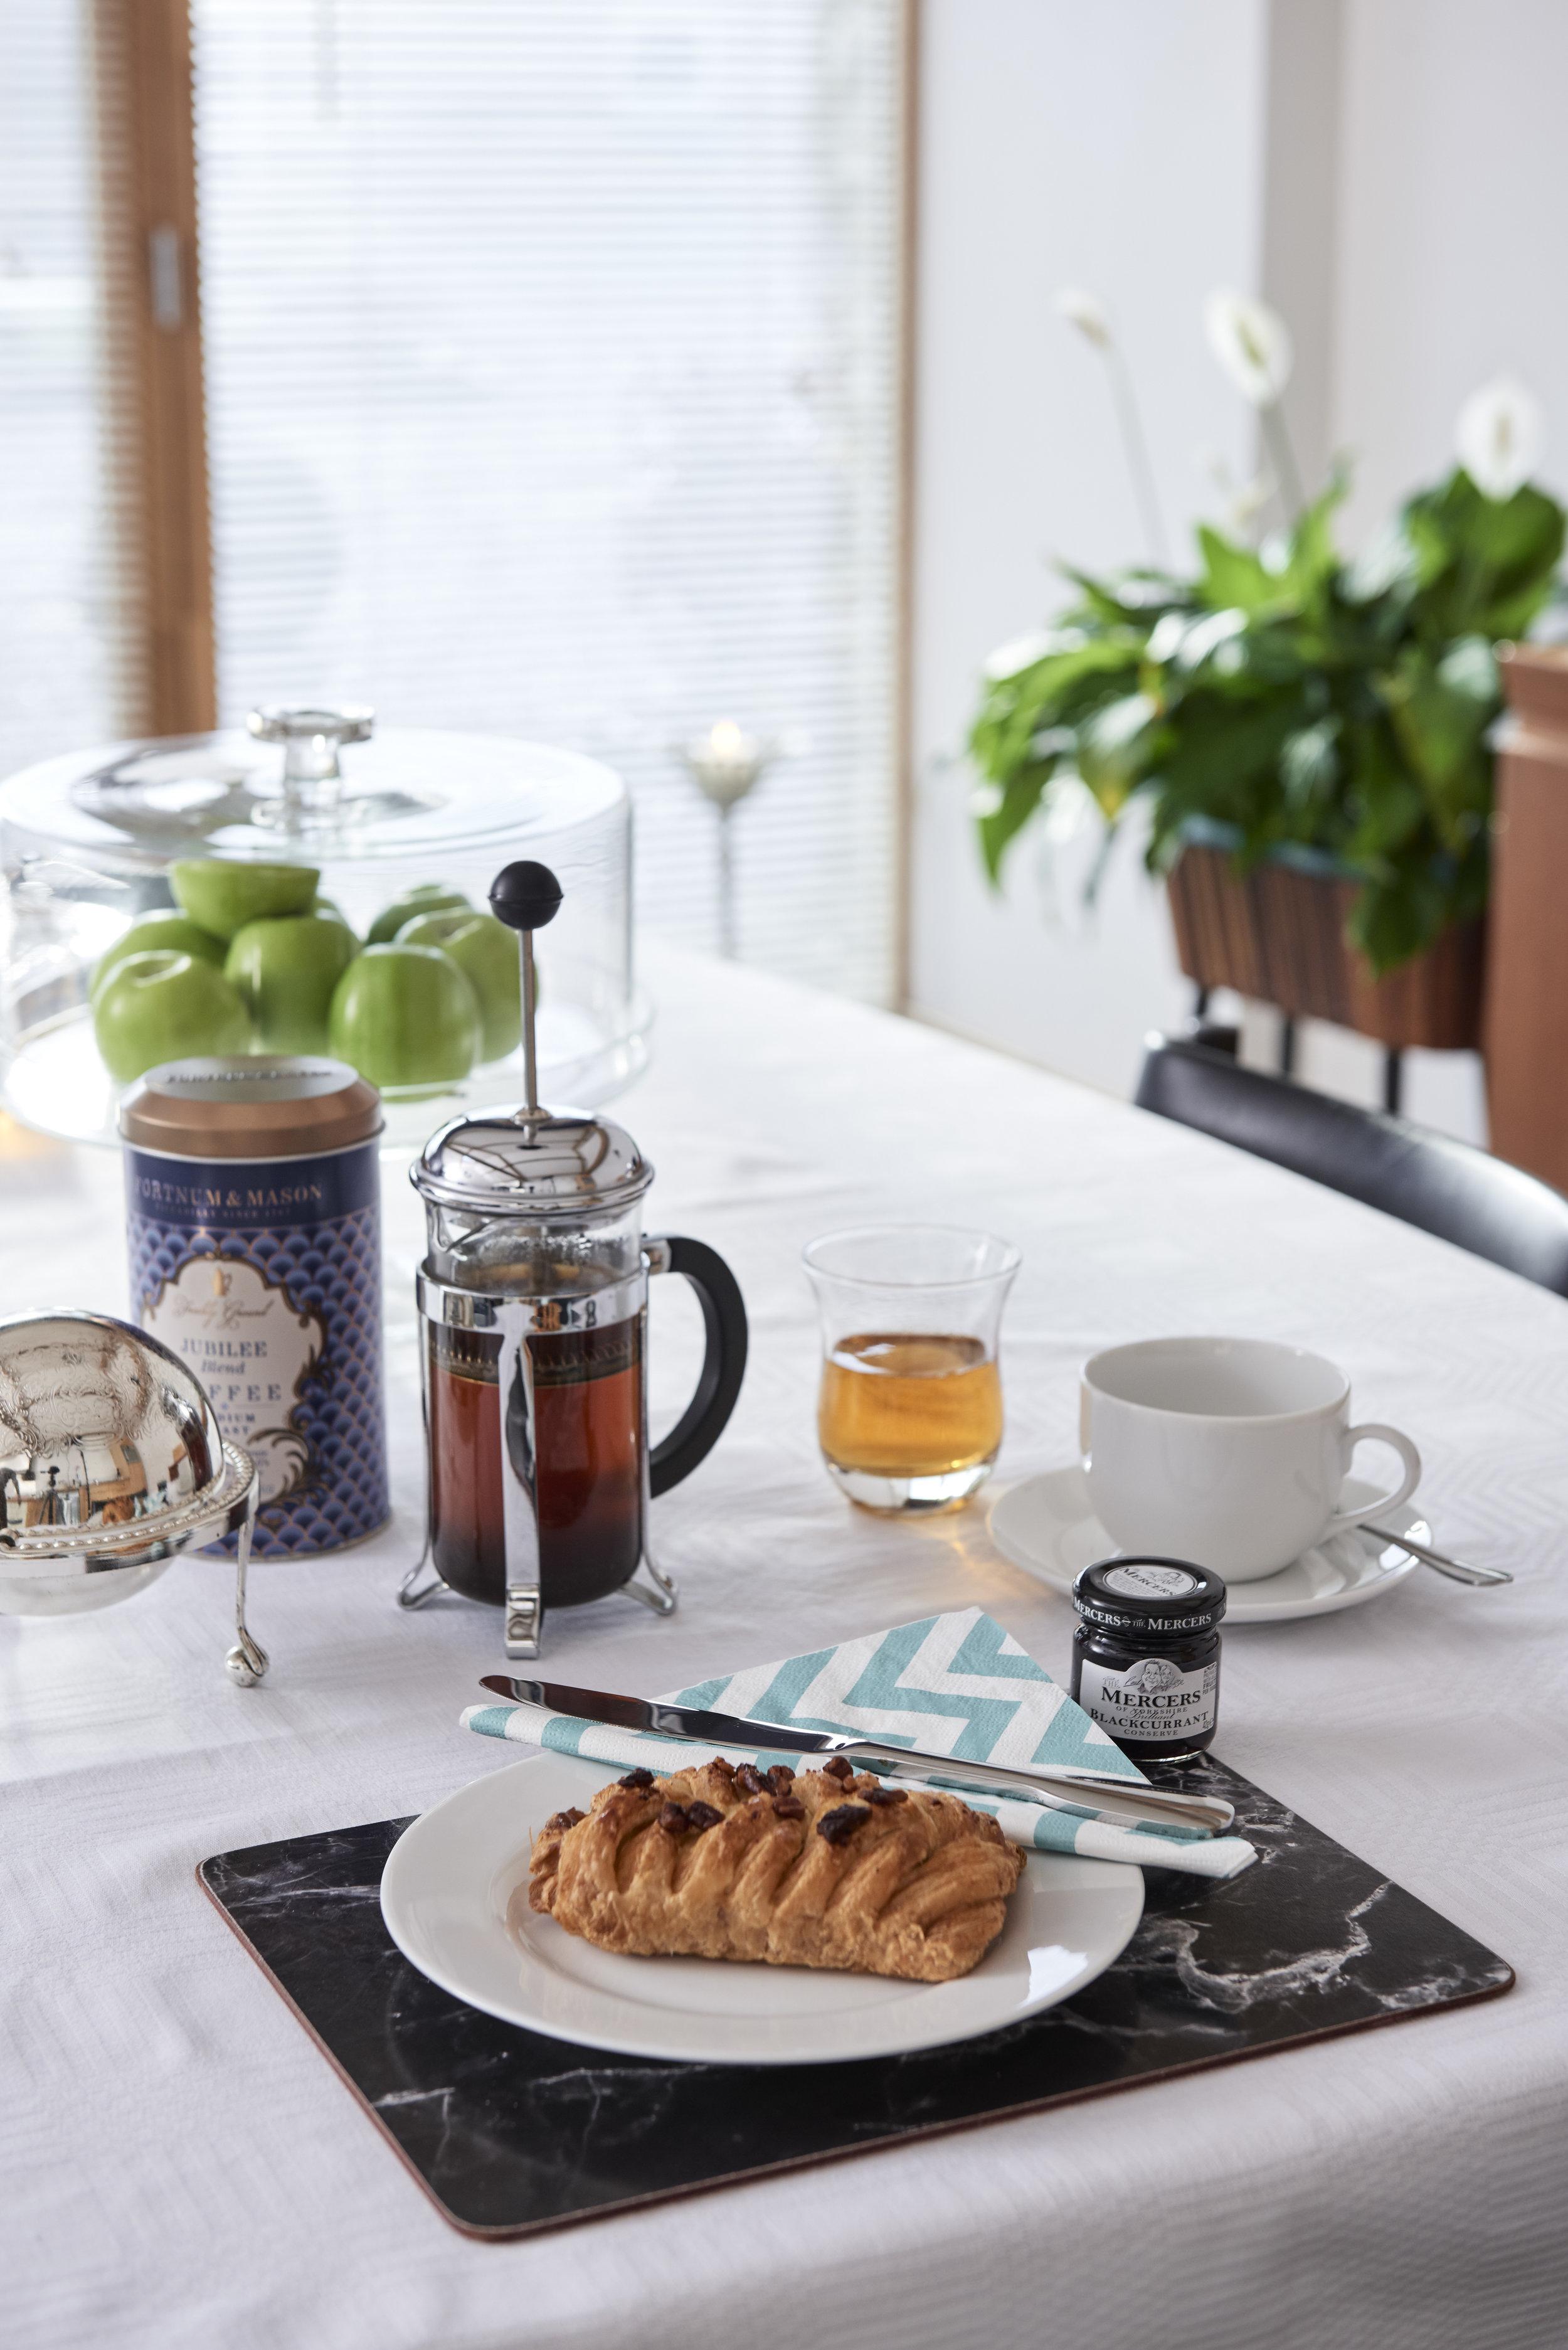 Enjoy a relaxing breakfast or celebrate in style